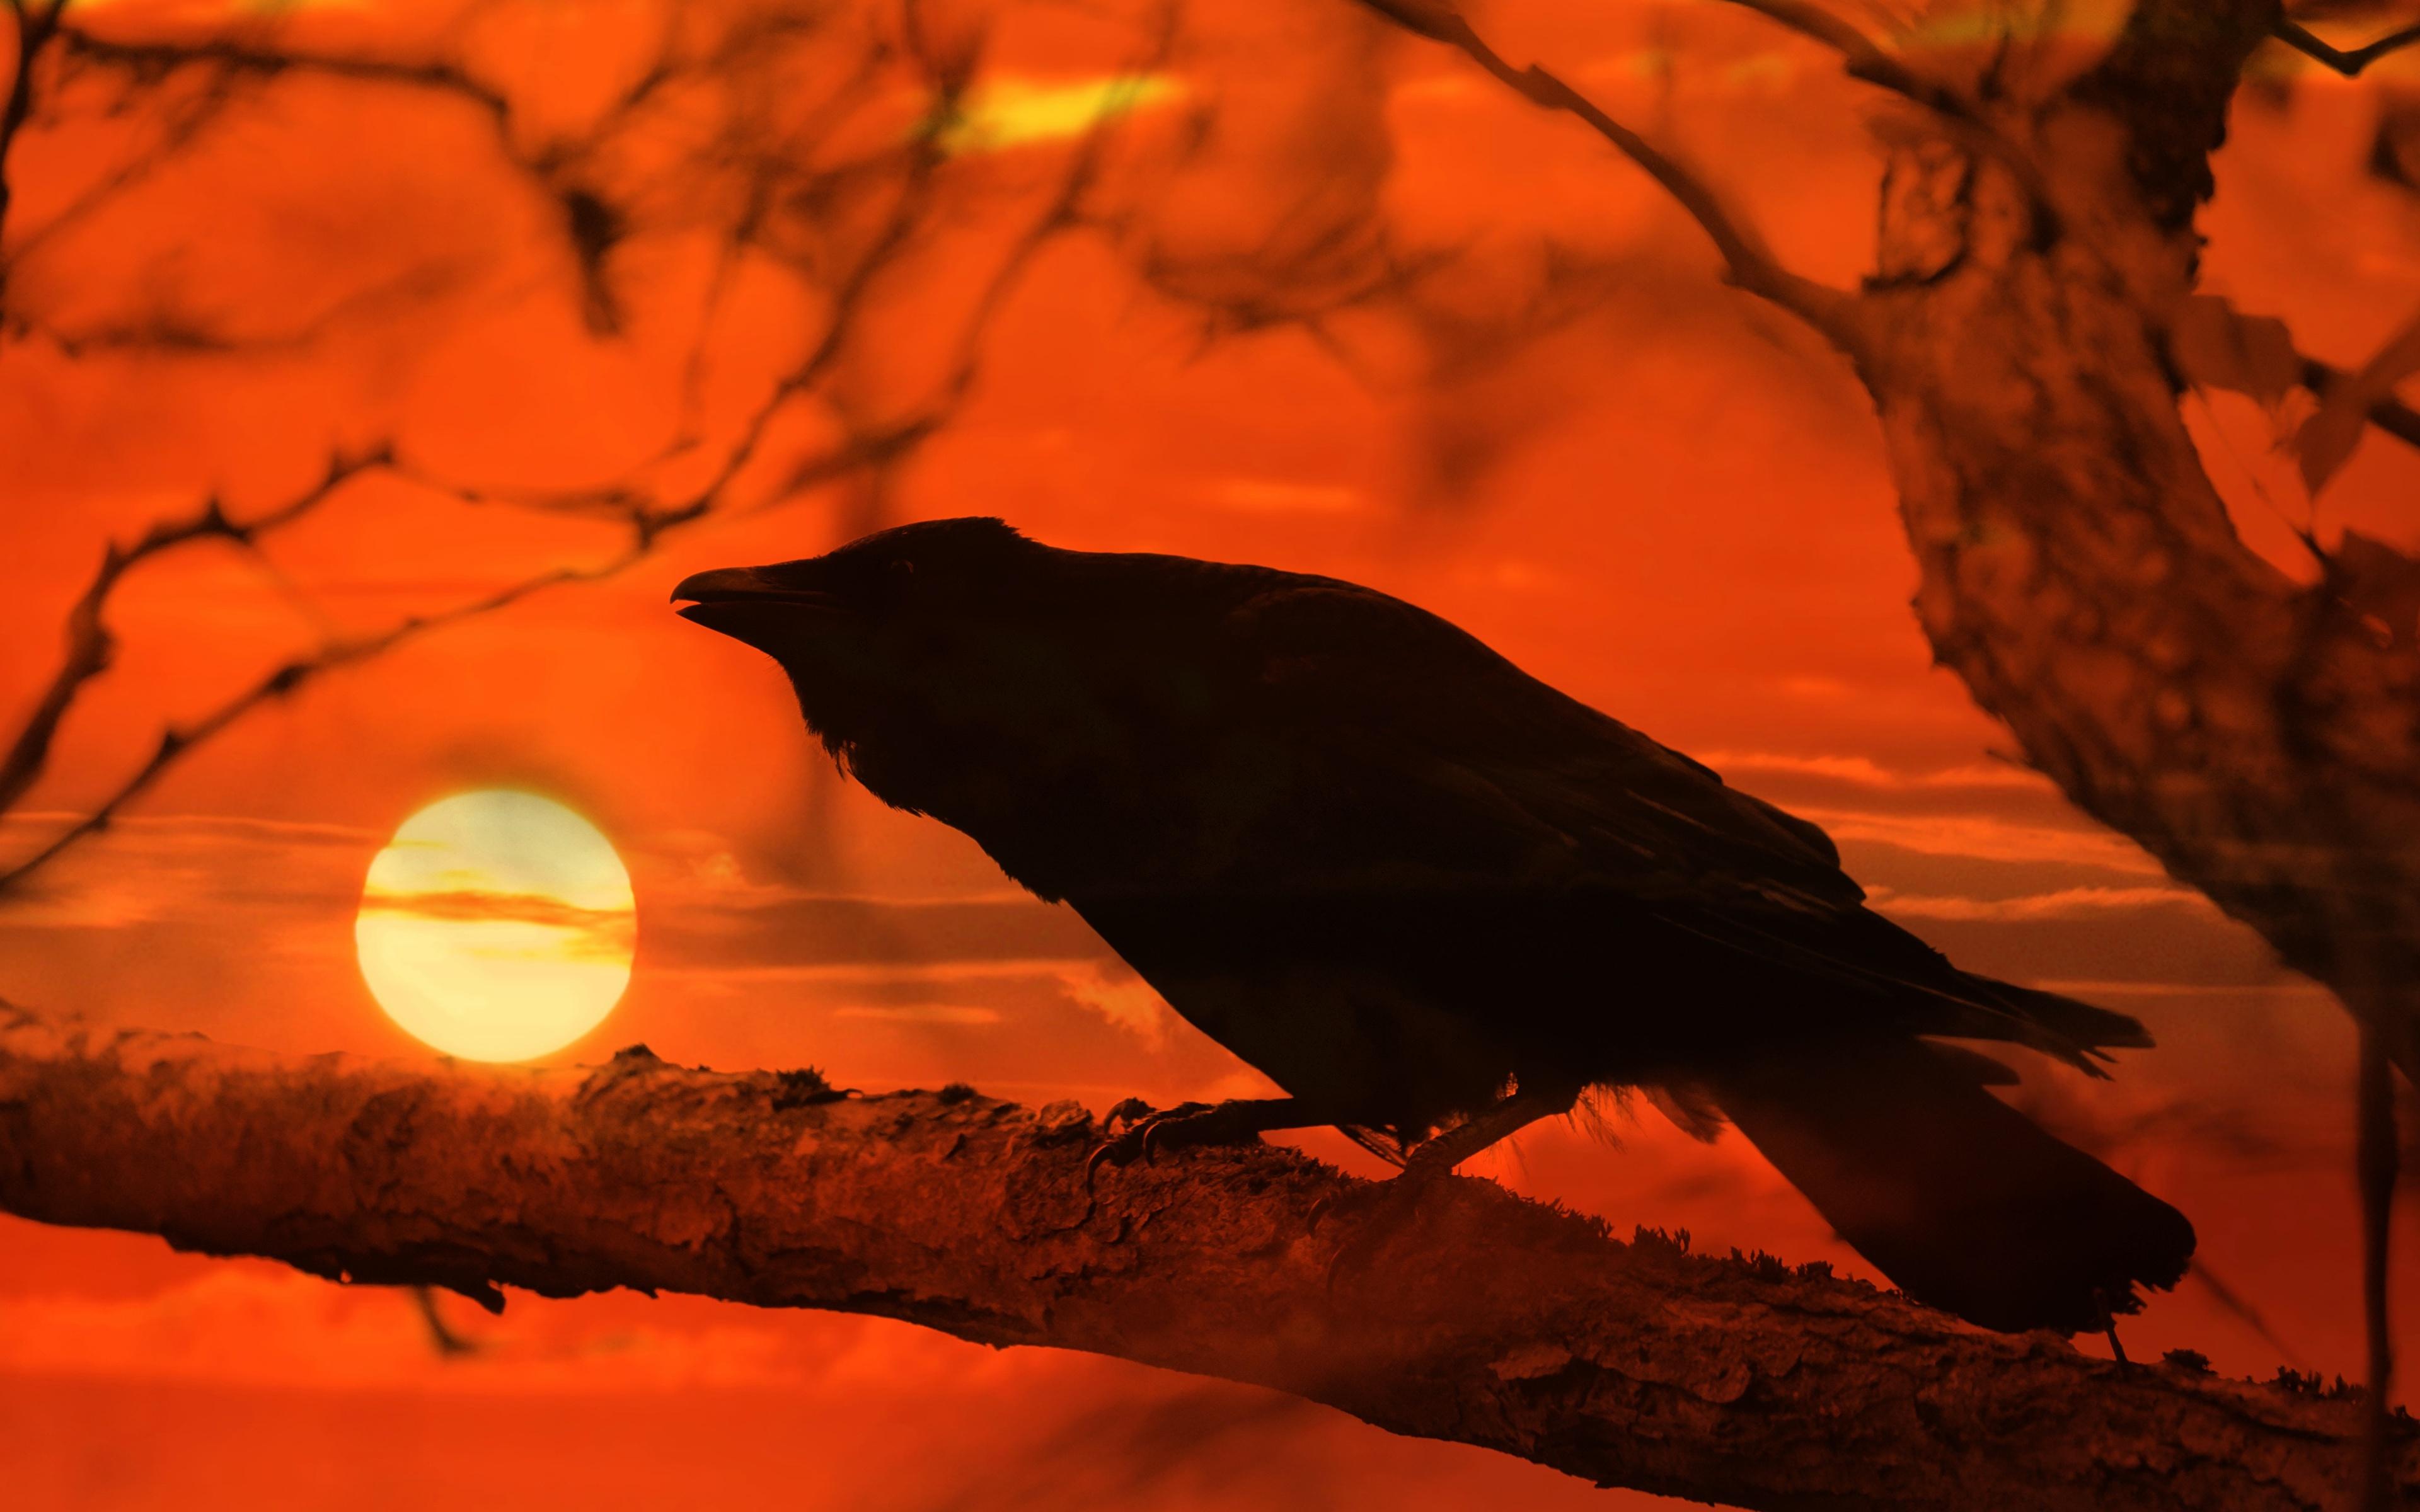 Bilder von Aaskrähe Sonne Sonnenaufgänge und Sonnenuntergänge Ast Tiere 3840x2400